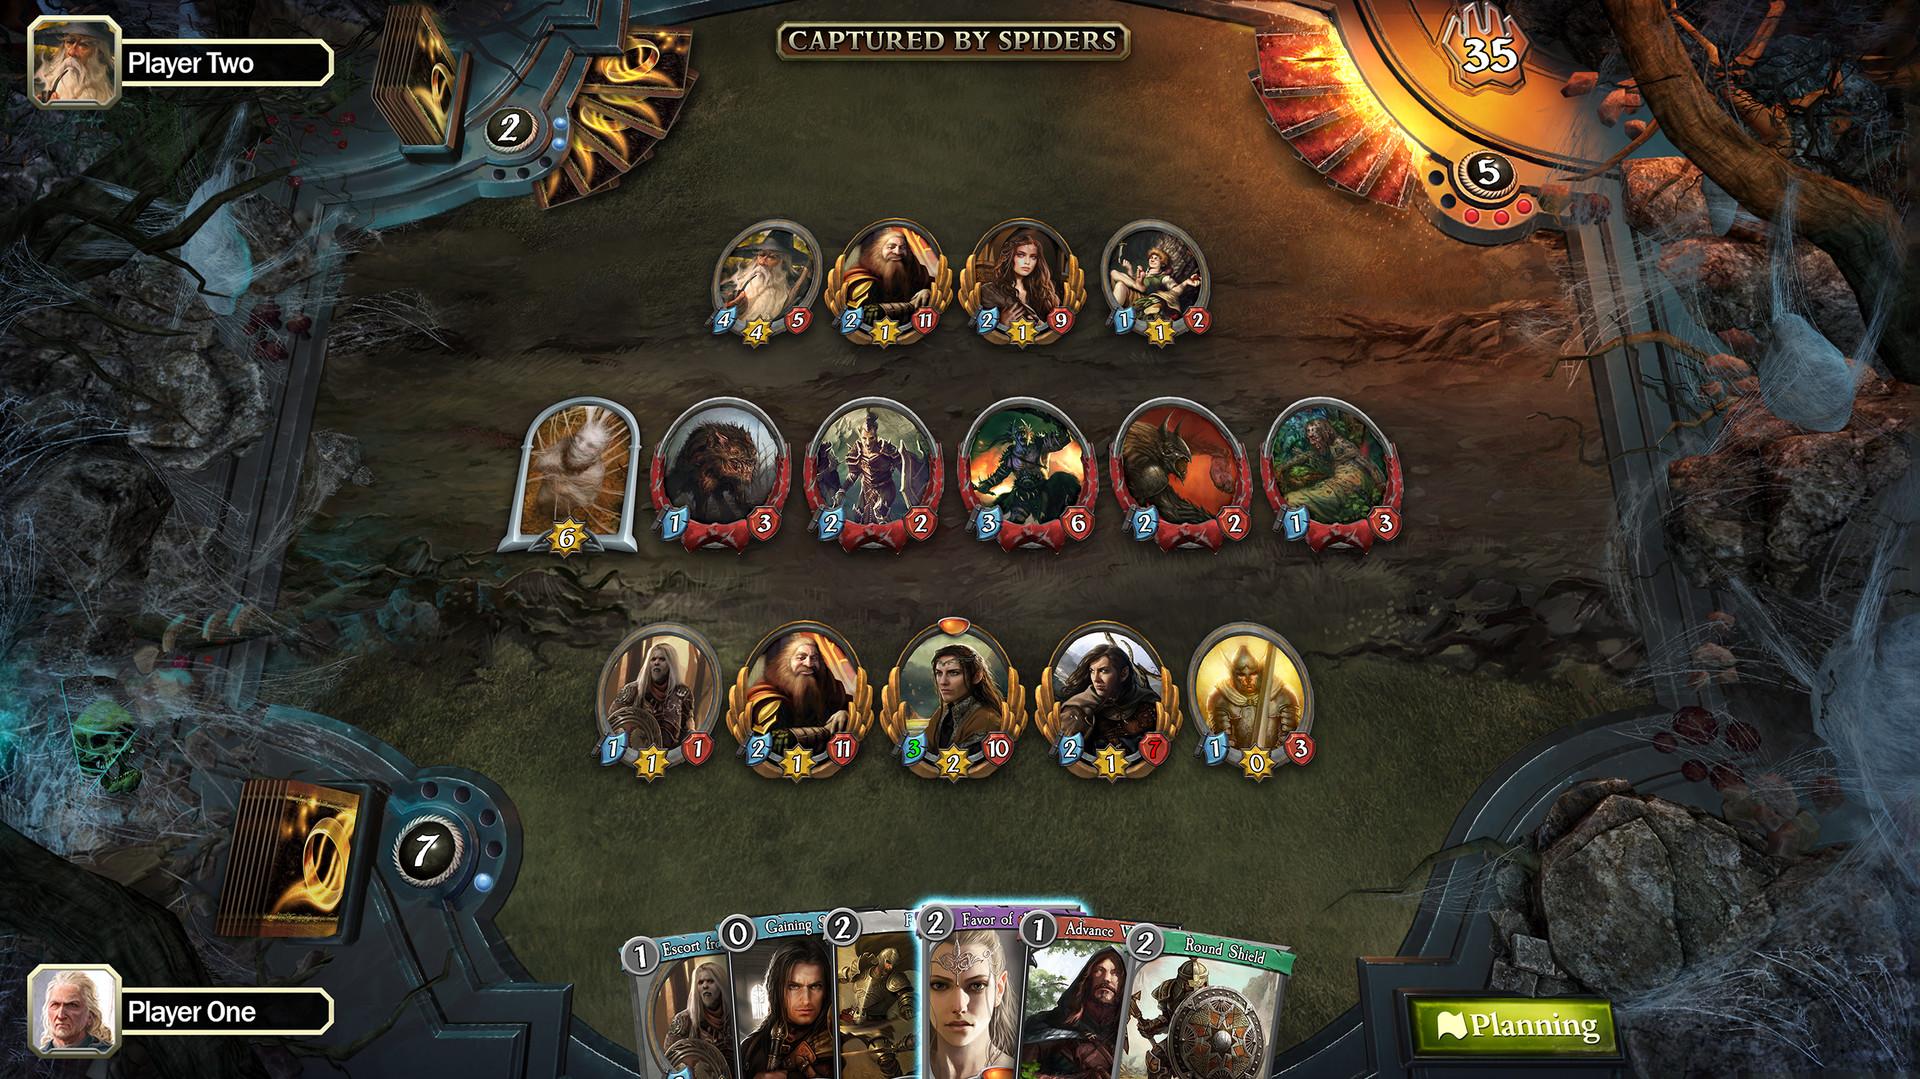 O Senhor dos Anéis: Jogo de Cartas de Aventura É Lançado em 8 de agosto